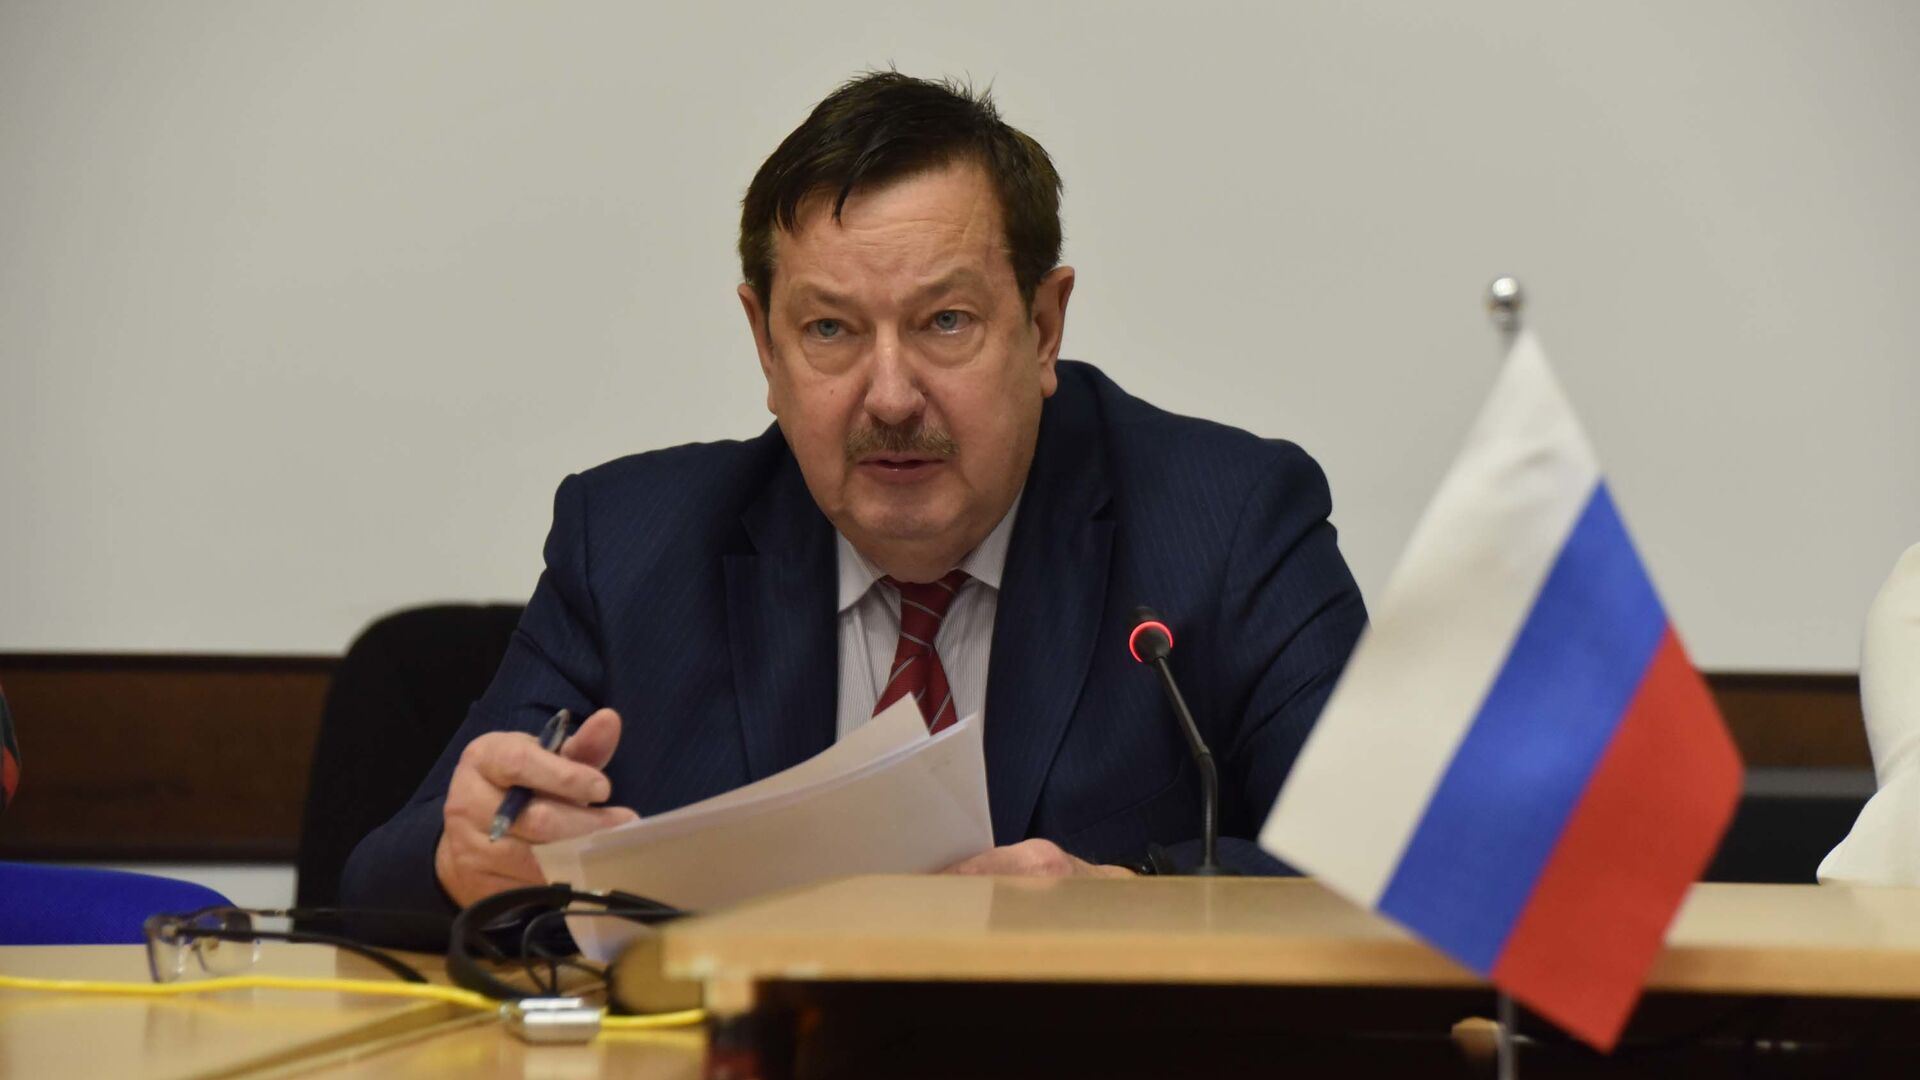 Посол России в Таджикистане Игорь Лякин-Фролов - Sputnik Таджикистан, 1920, 12.06.2021